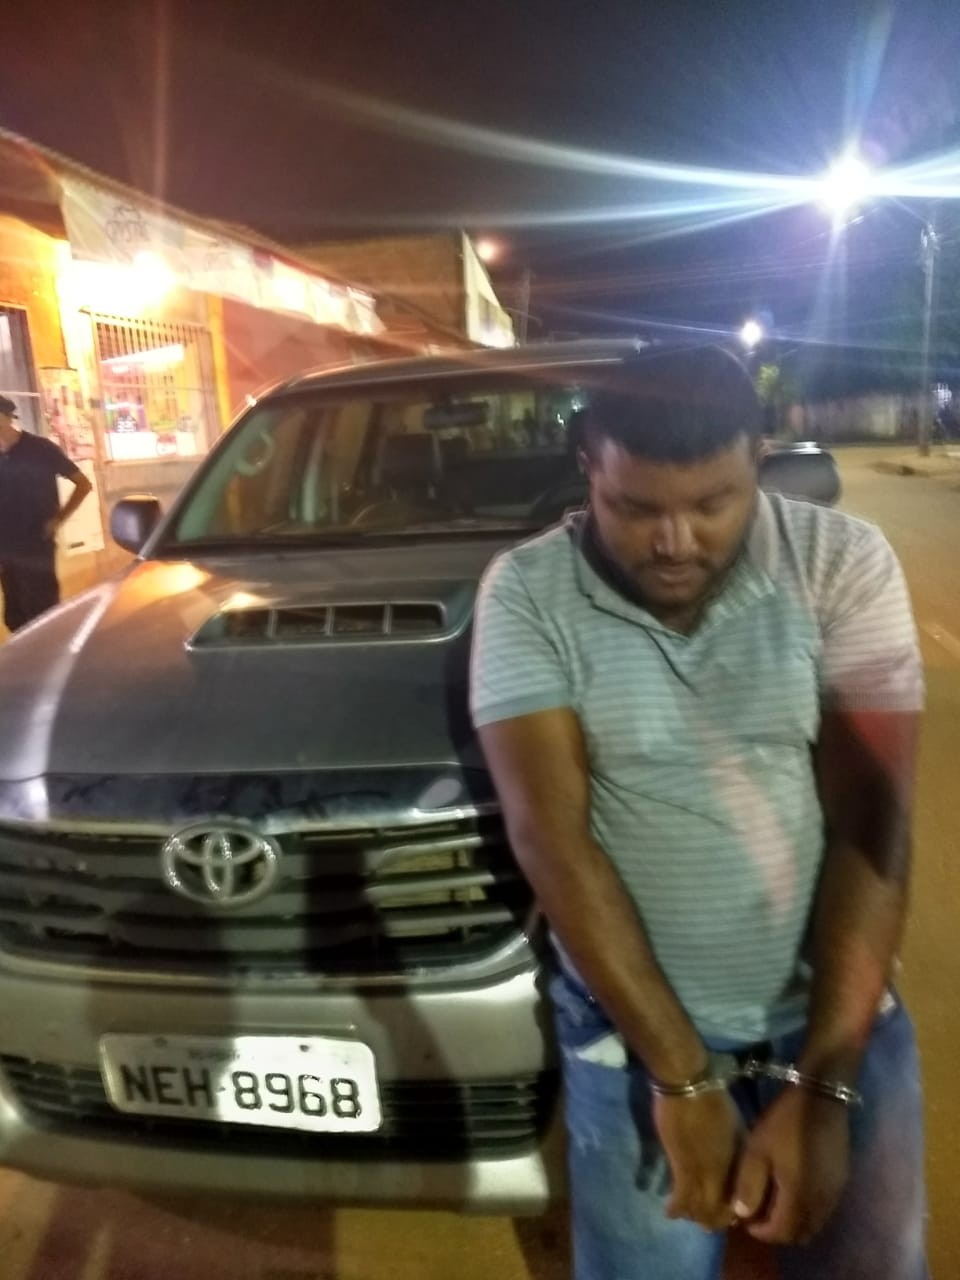 Homem é preso com caminhonete roubada e diz ter comprado veículo por R$ 3 mil, em RO - Notícias - Plantão Diário